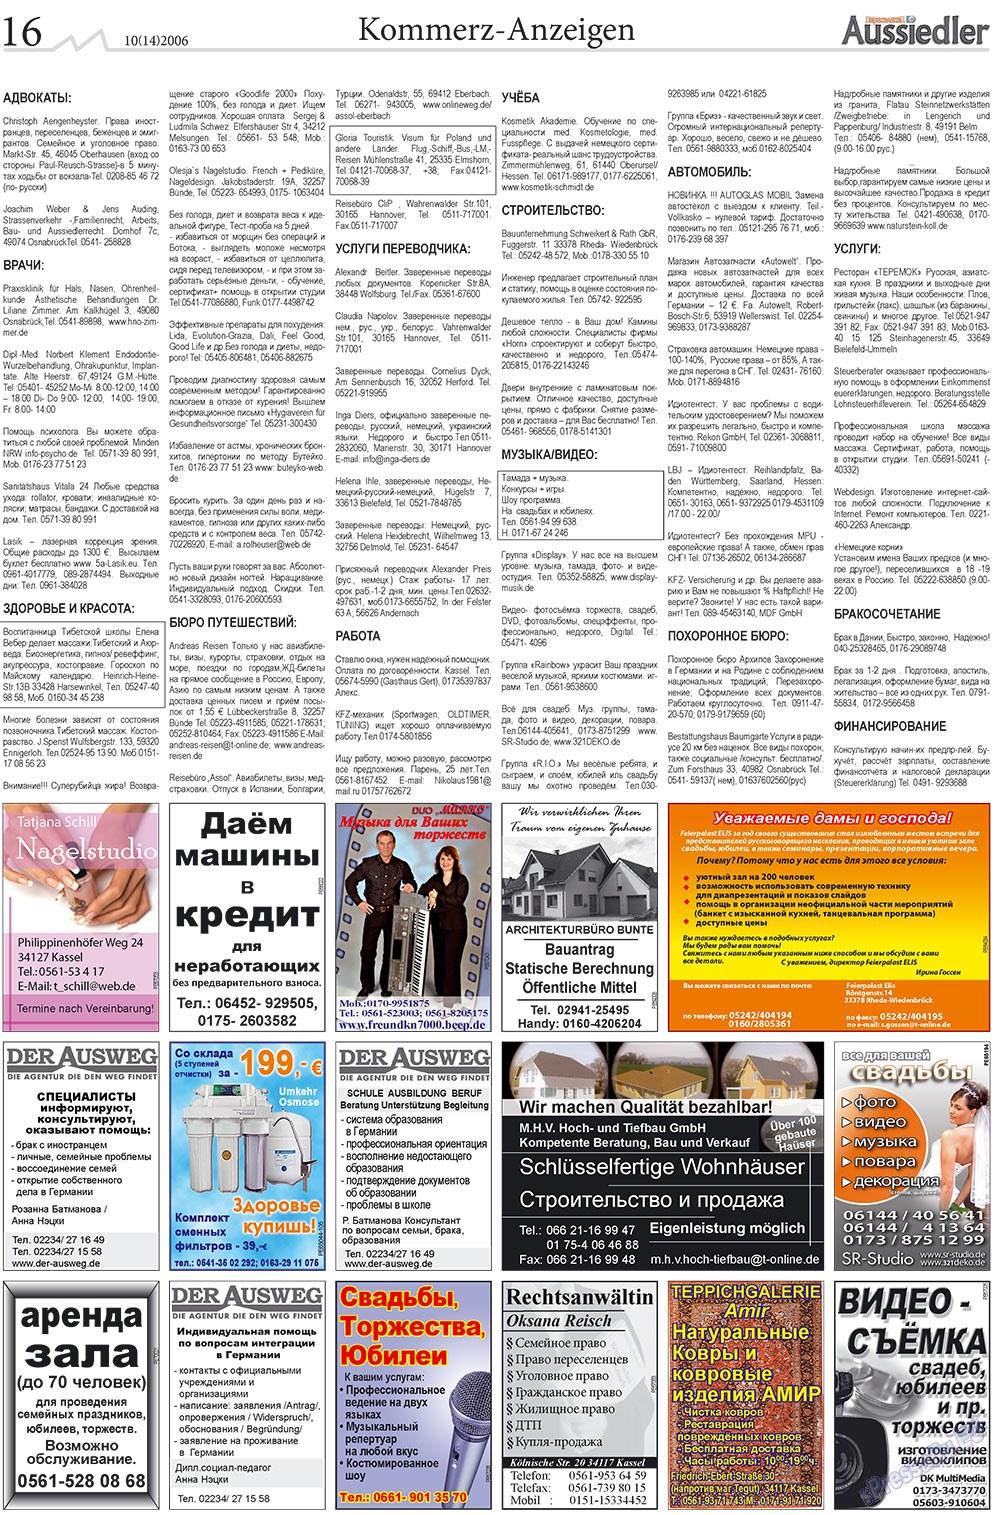 Переселенец (газета). 2006 год, номер 10, стр. 16